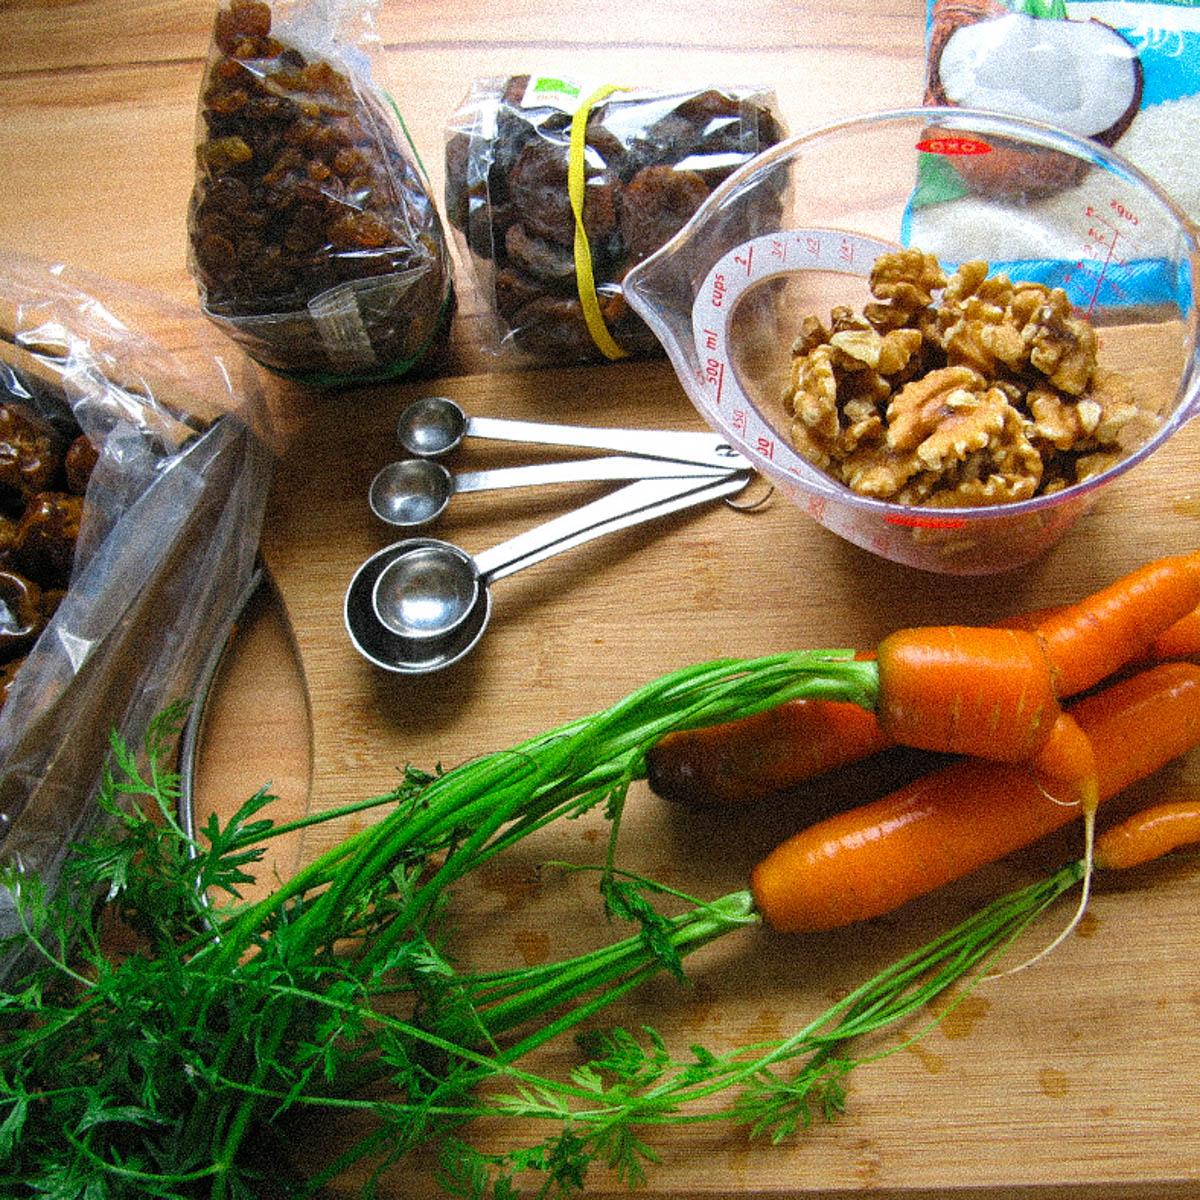 Benodigde ingrediënten voor de gluten- en suikervrije wortel cake